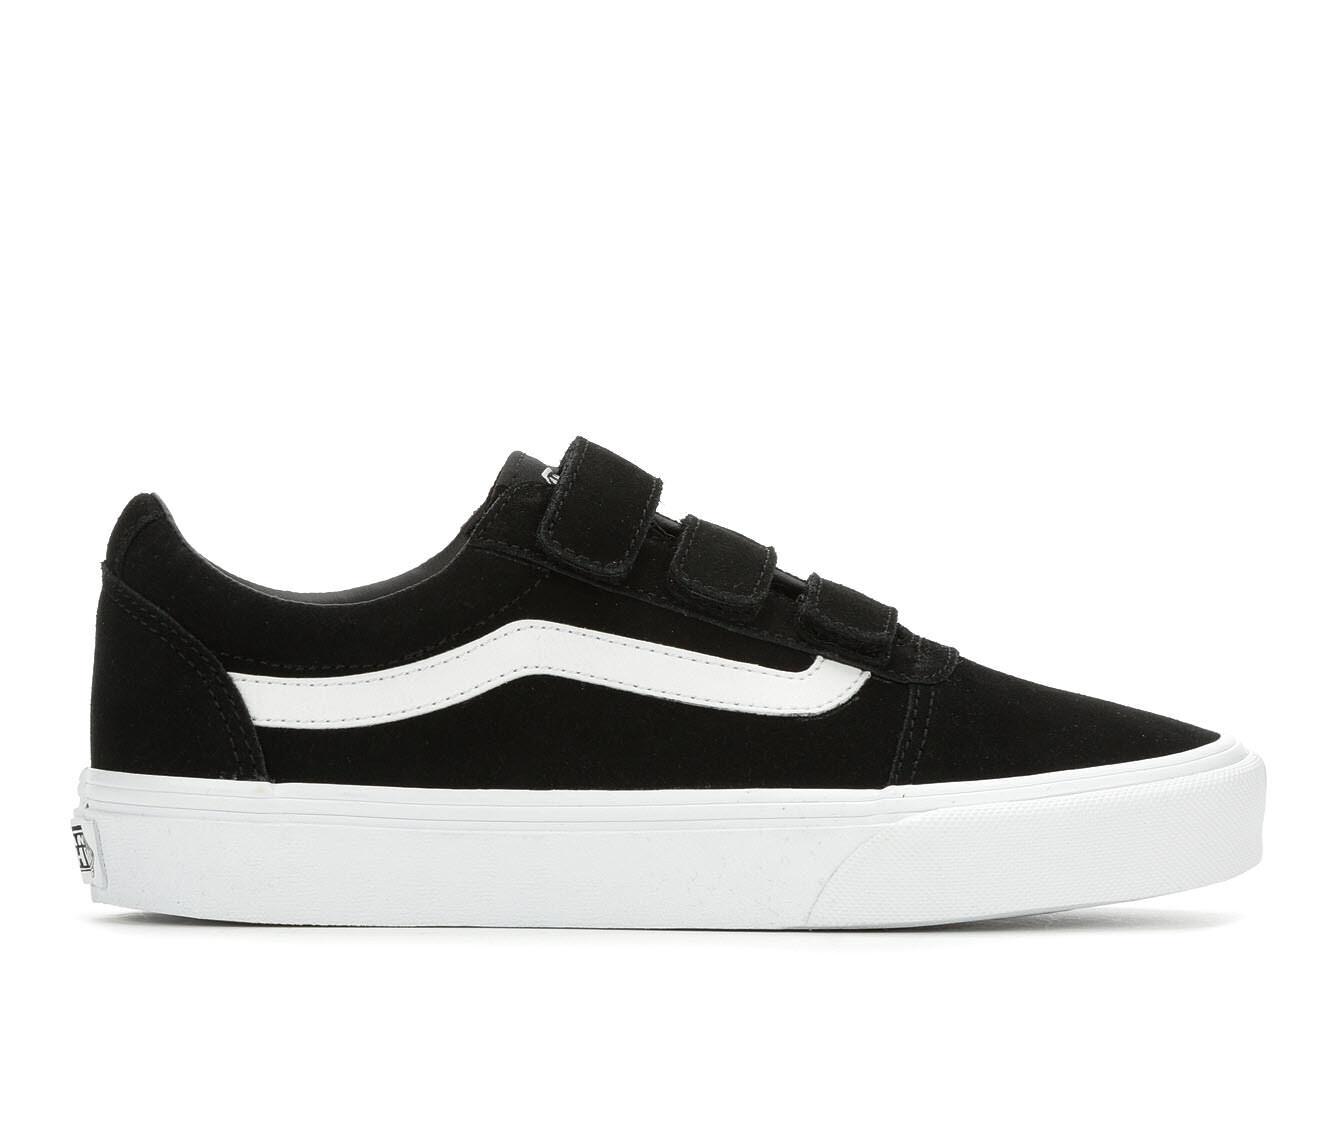 Women's Vans Ward V Skate Shoes Black/White